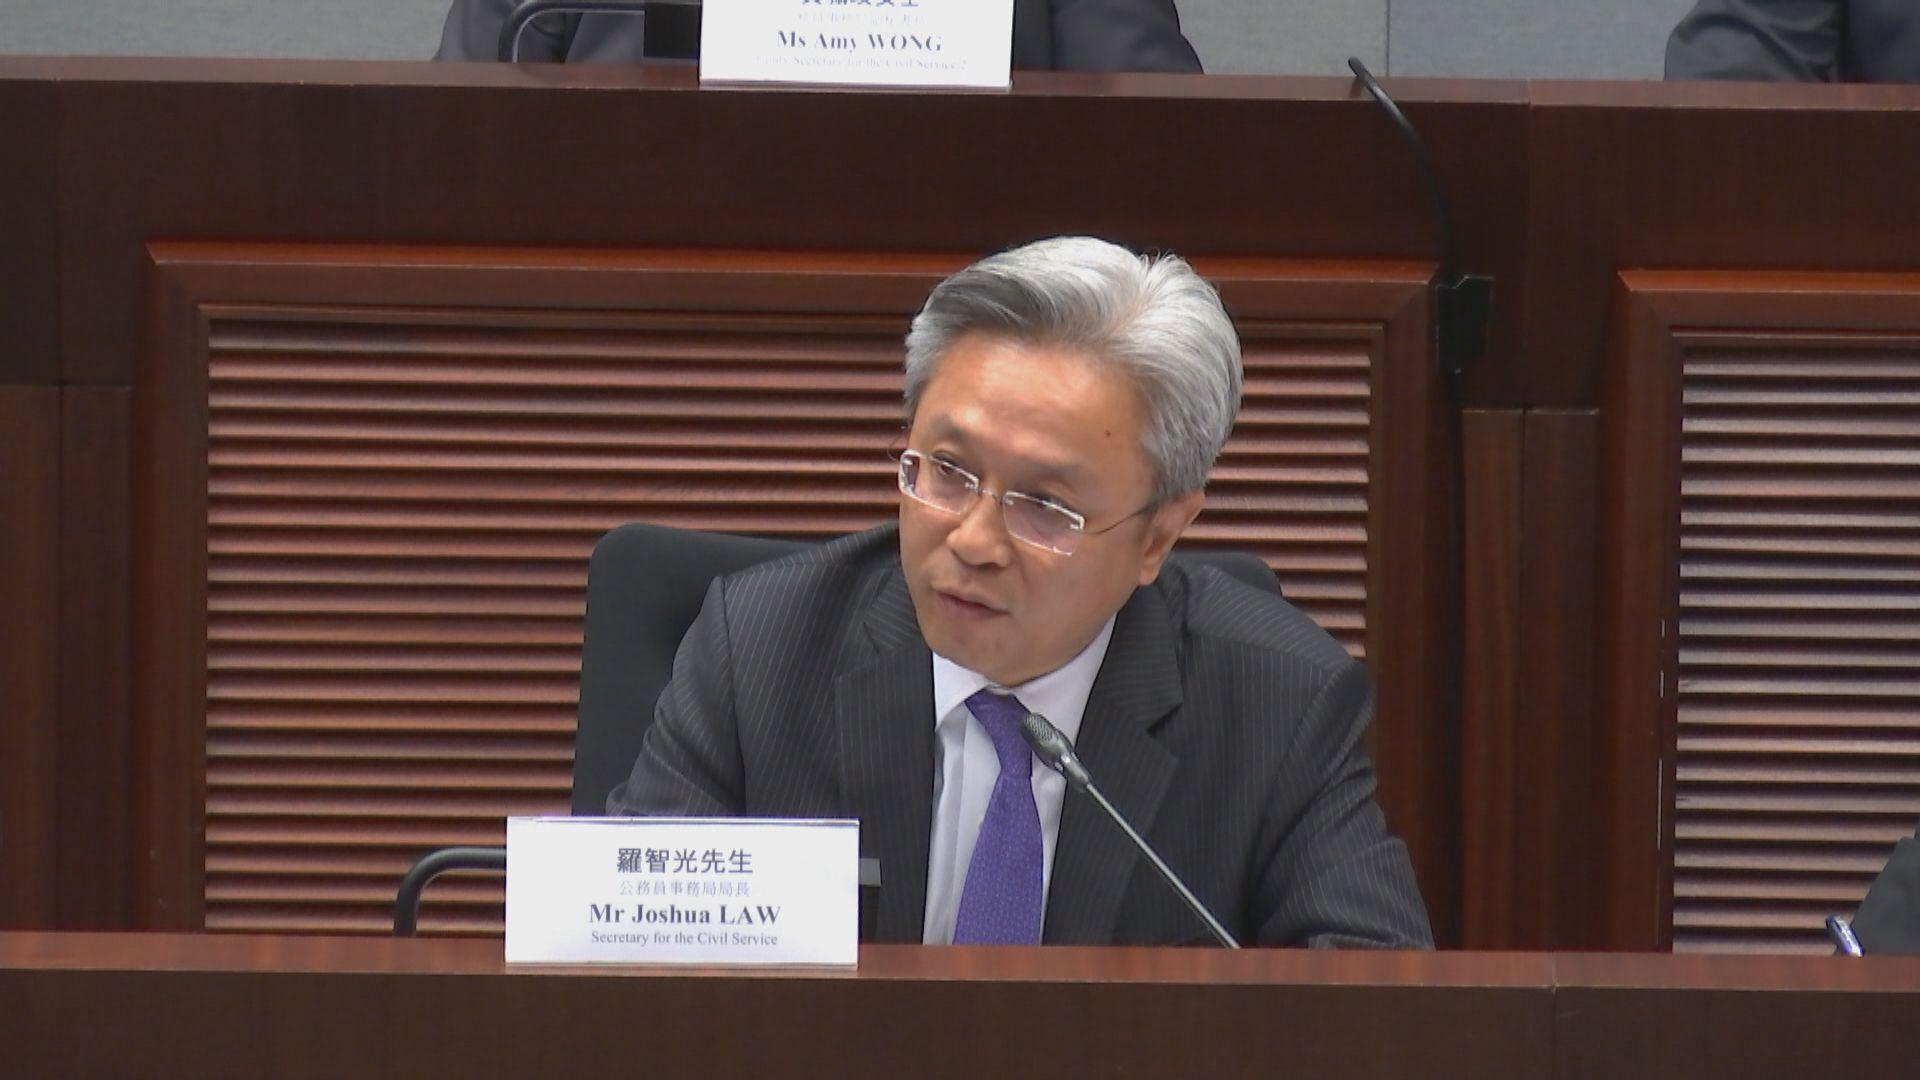 羅智光:公務員行使權力時需遵從基本法